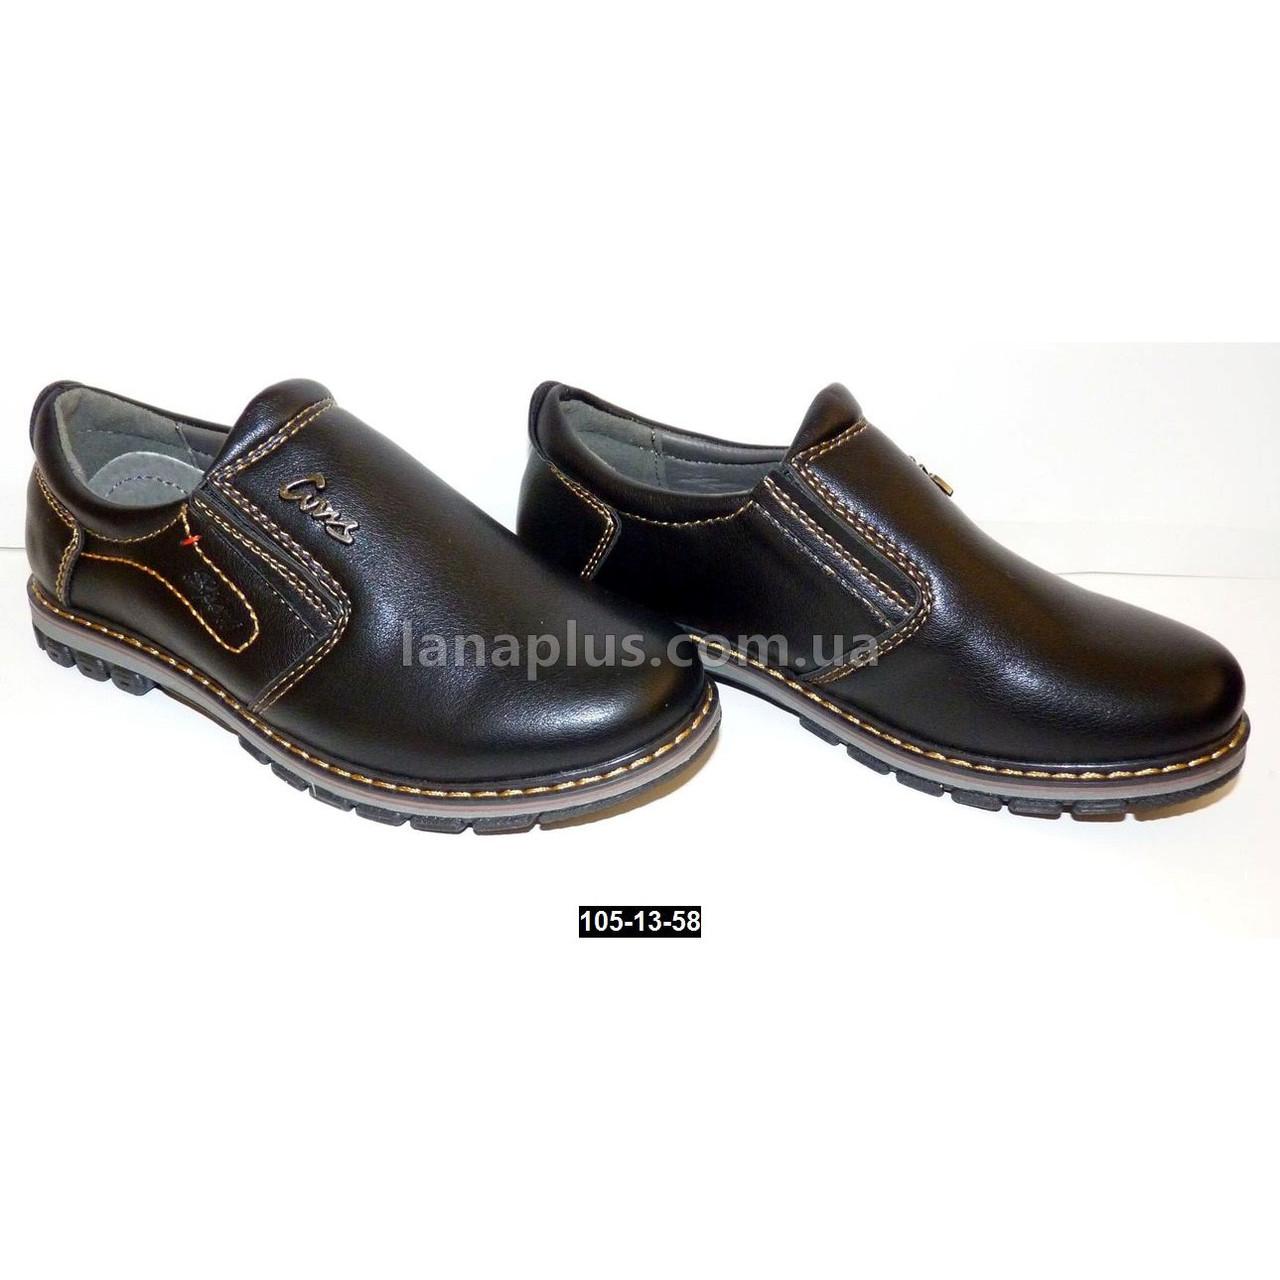 Школьные туфли для мальчика, 28 размер (18 см), супинатор, кожаная стелька, высокий подъем